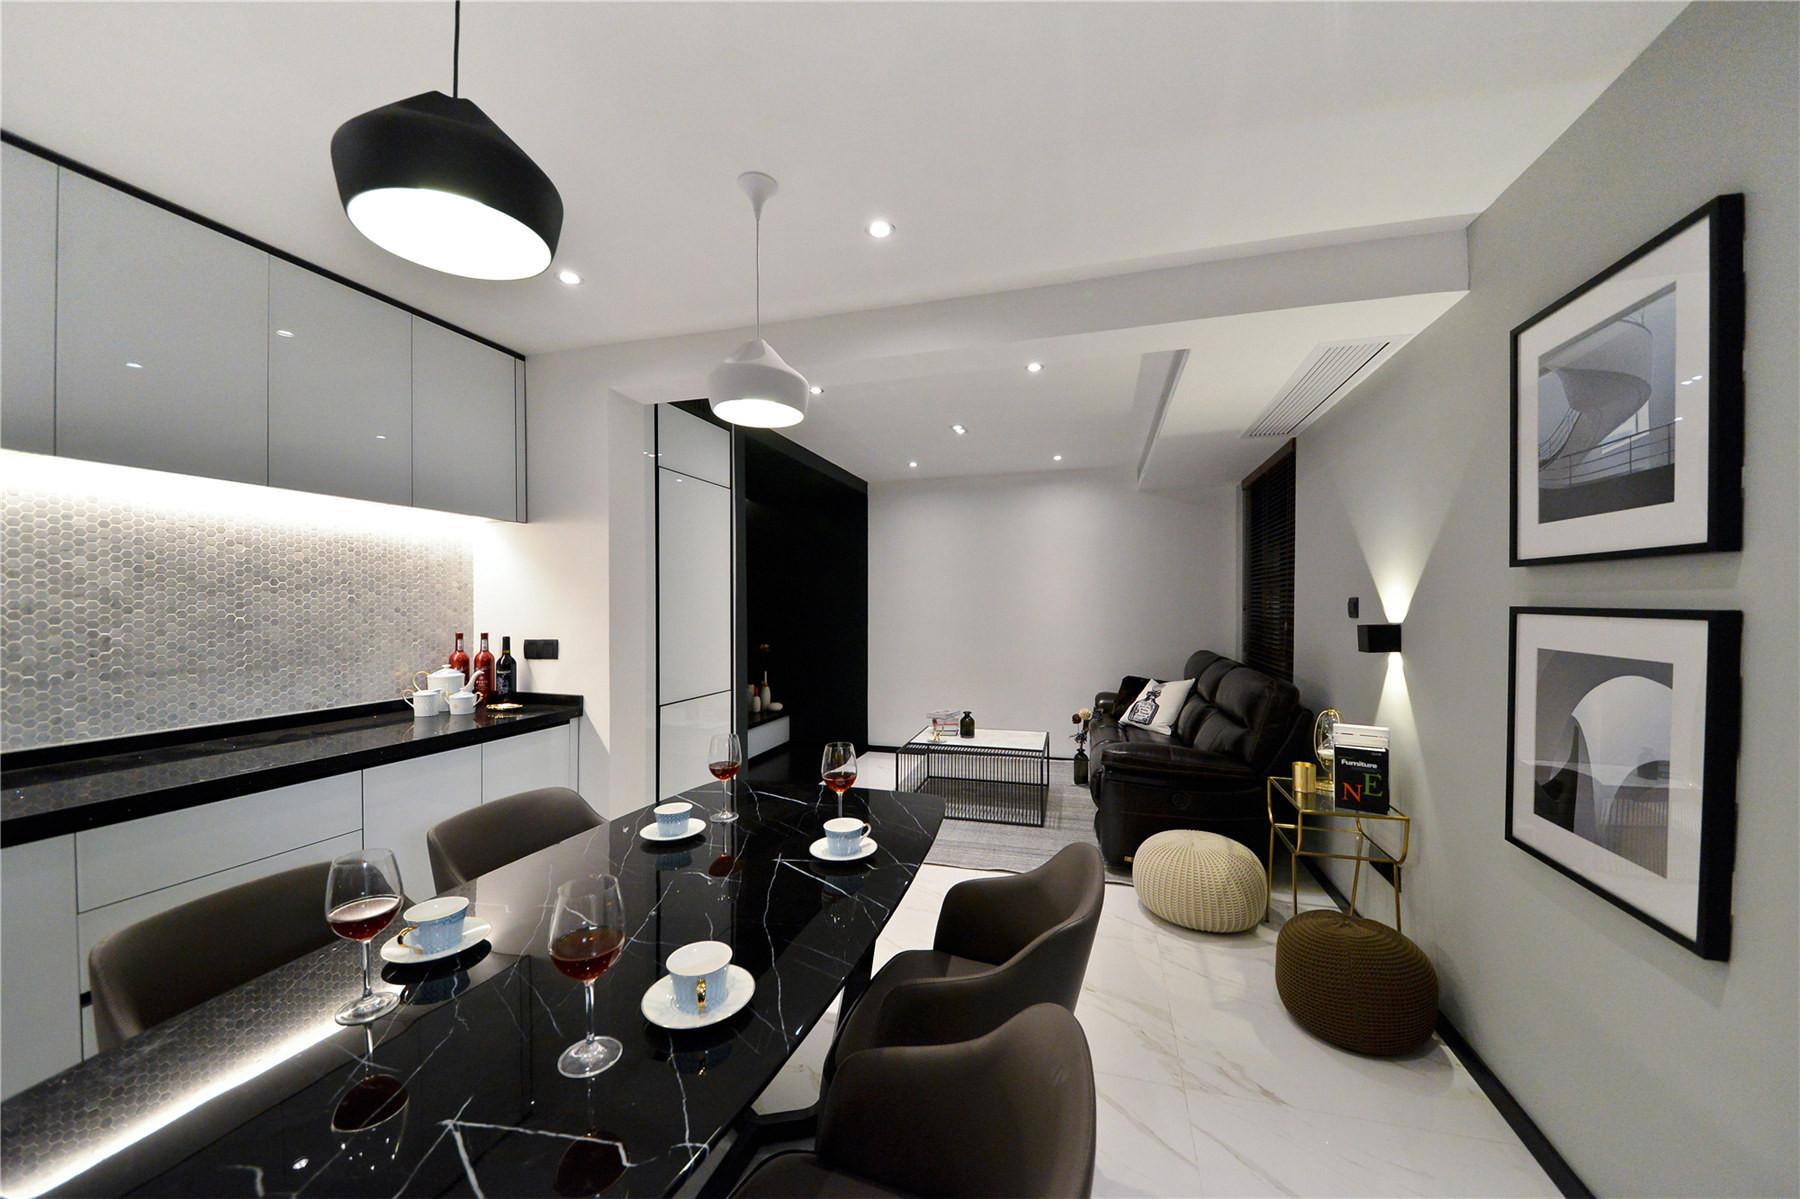 黑白简约风装修餐客厅设计图